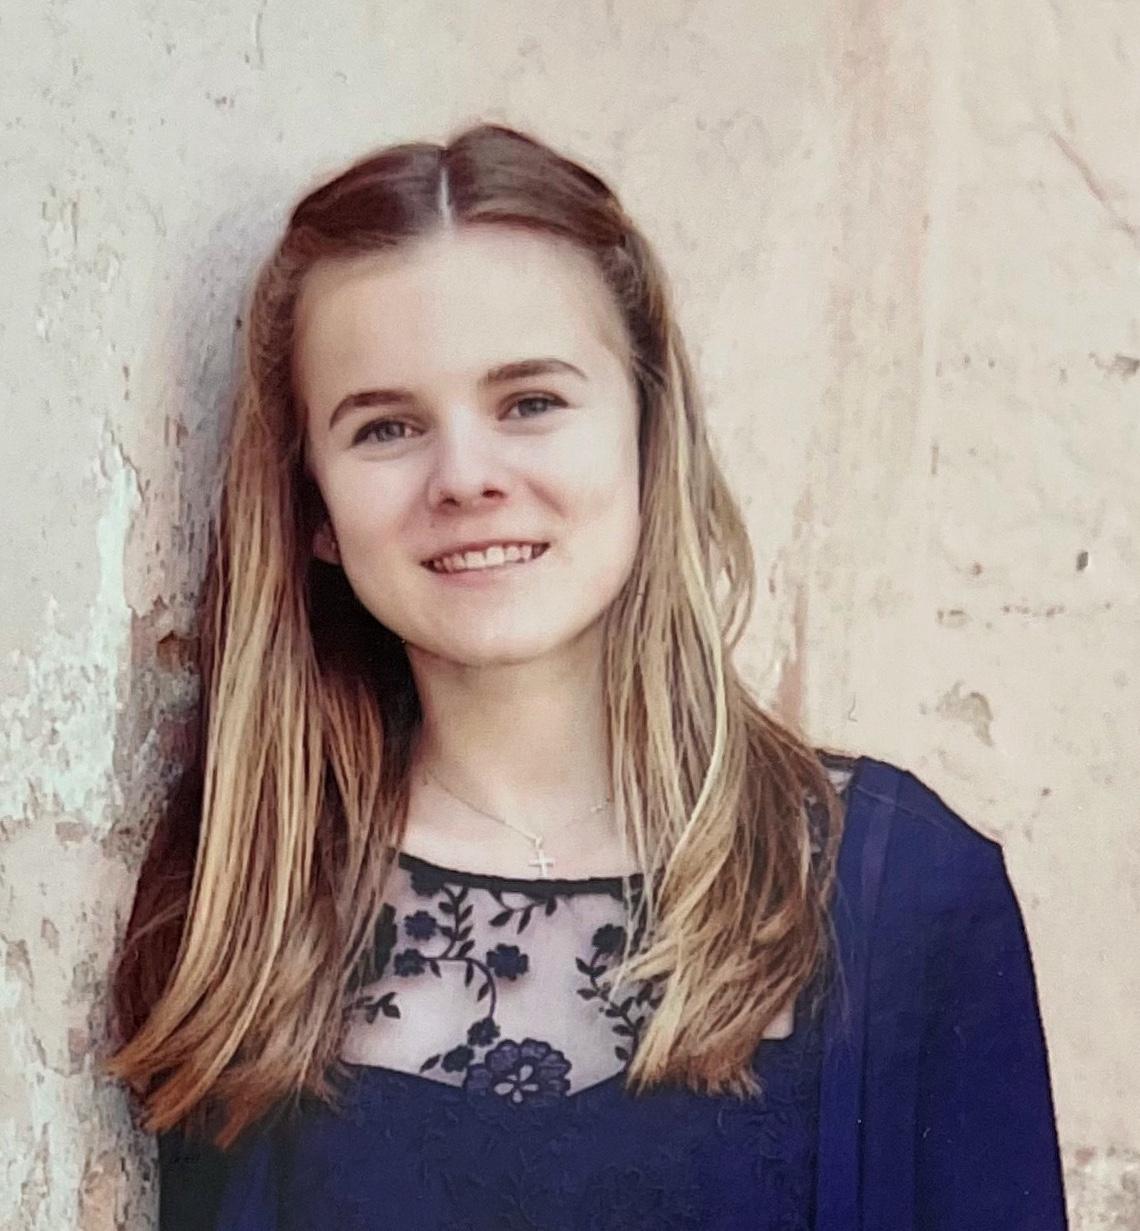 Annika Gärber (16)